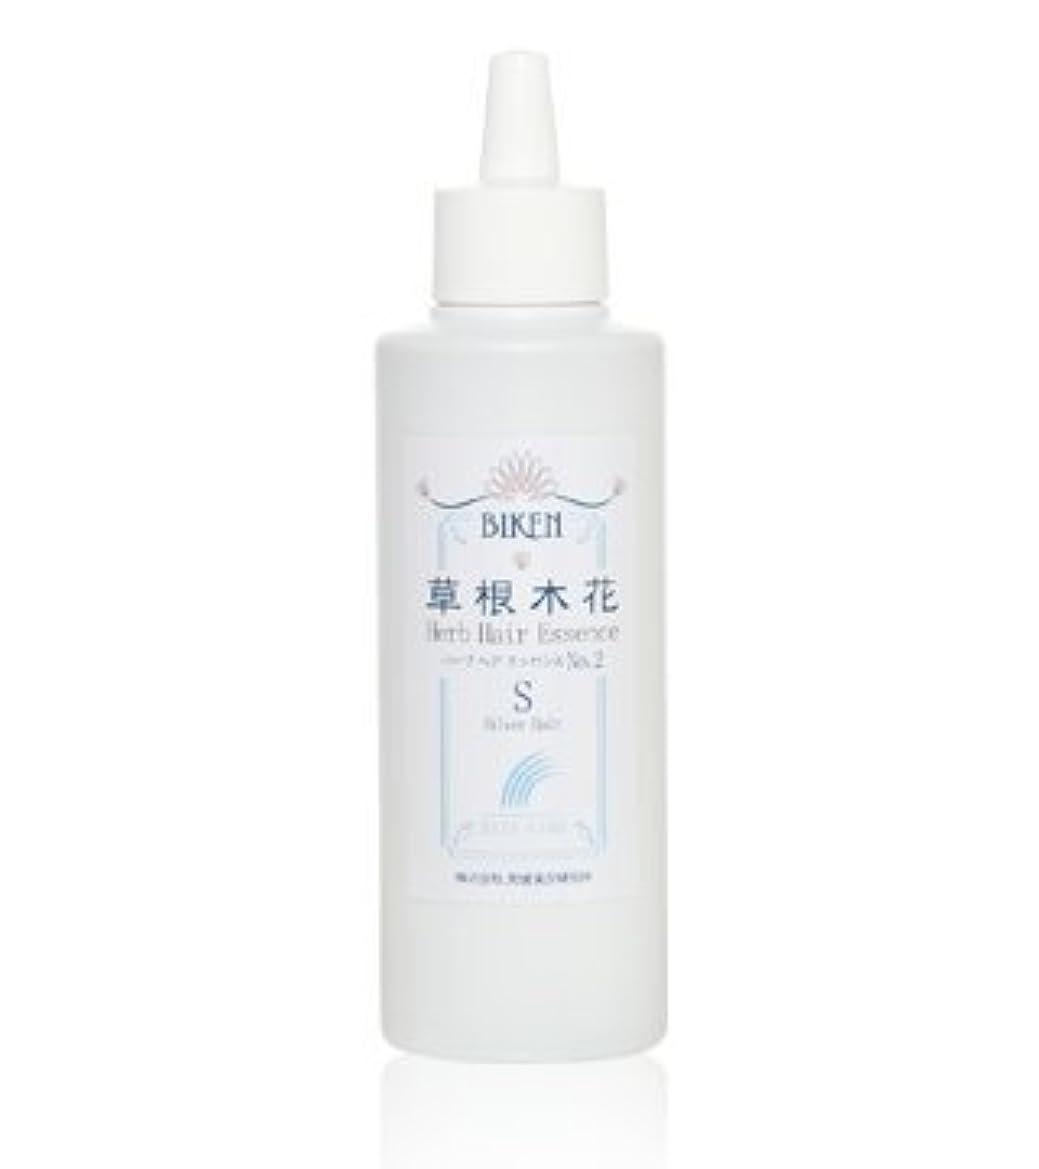 添付威する皮肉な「草根木花 ハーブヘアエッセンスNo.2 シルバーヘア用」  白髪予防にヘマチン配合 センブリ系養毛料  シェアドコスメ(男女兼用化粧品)